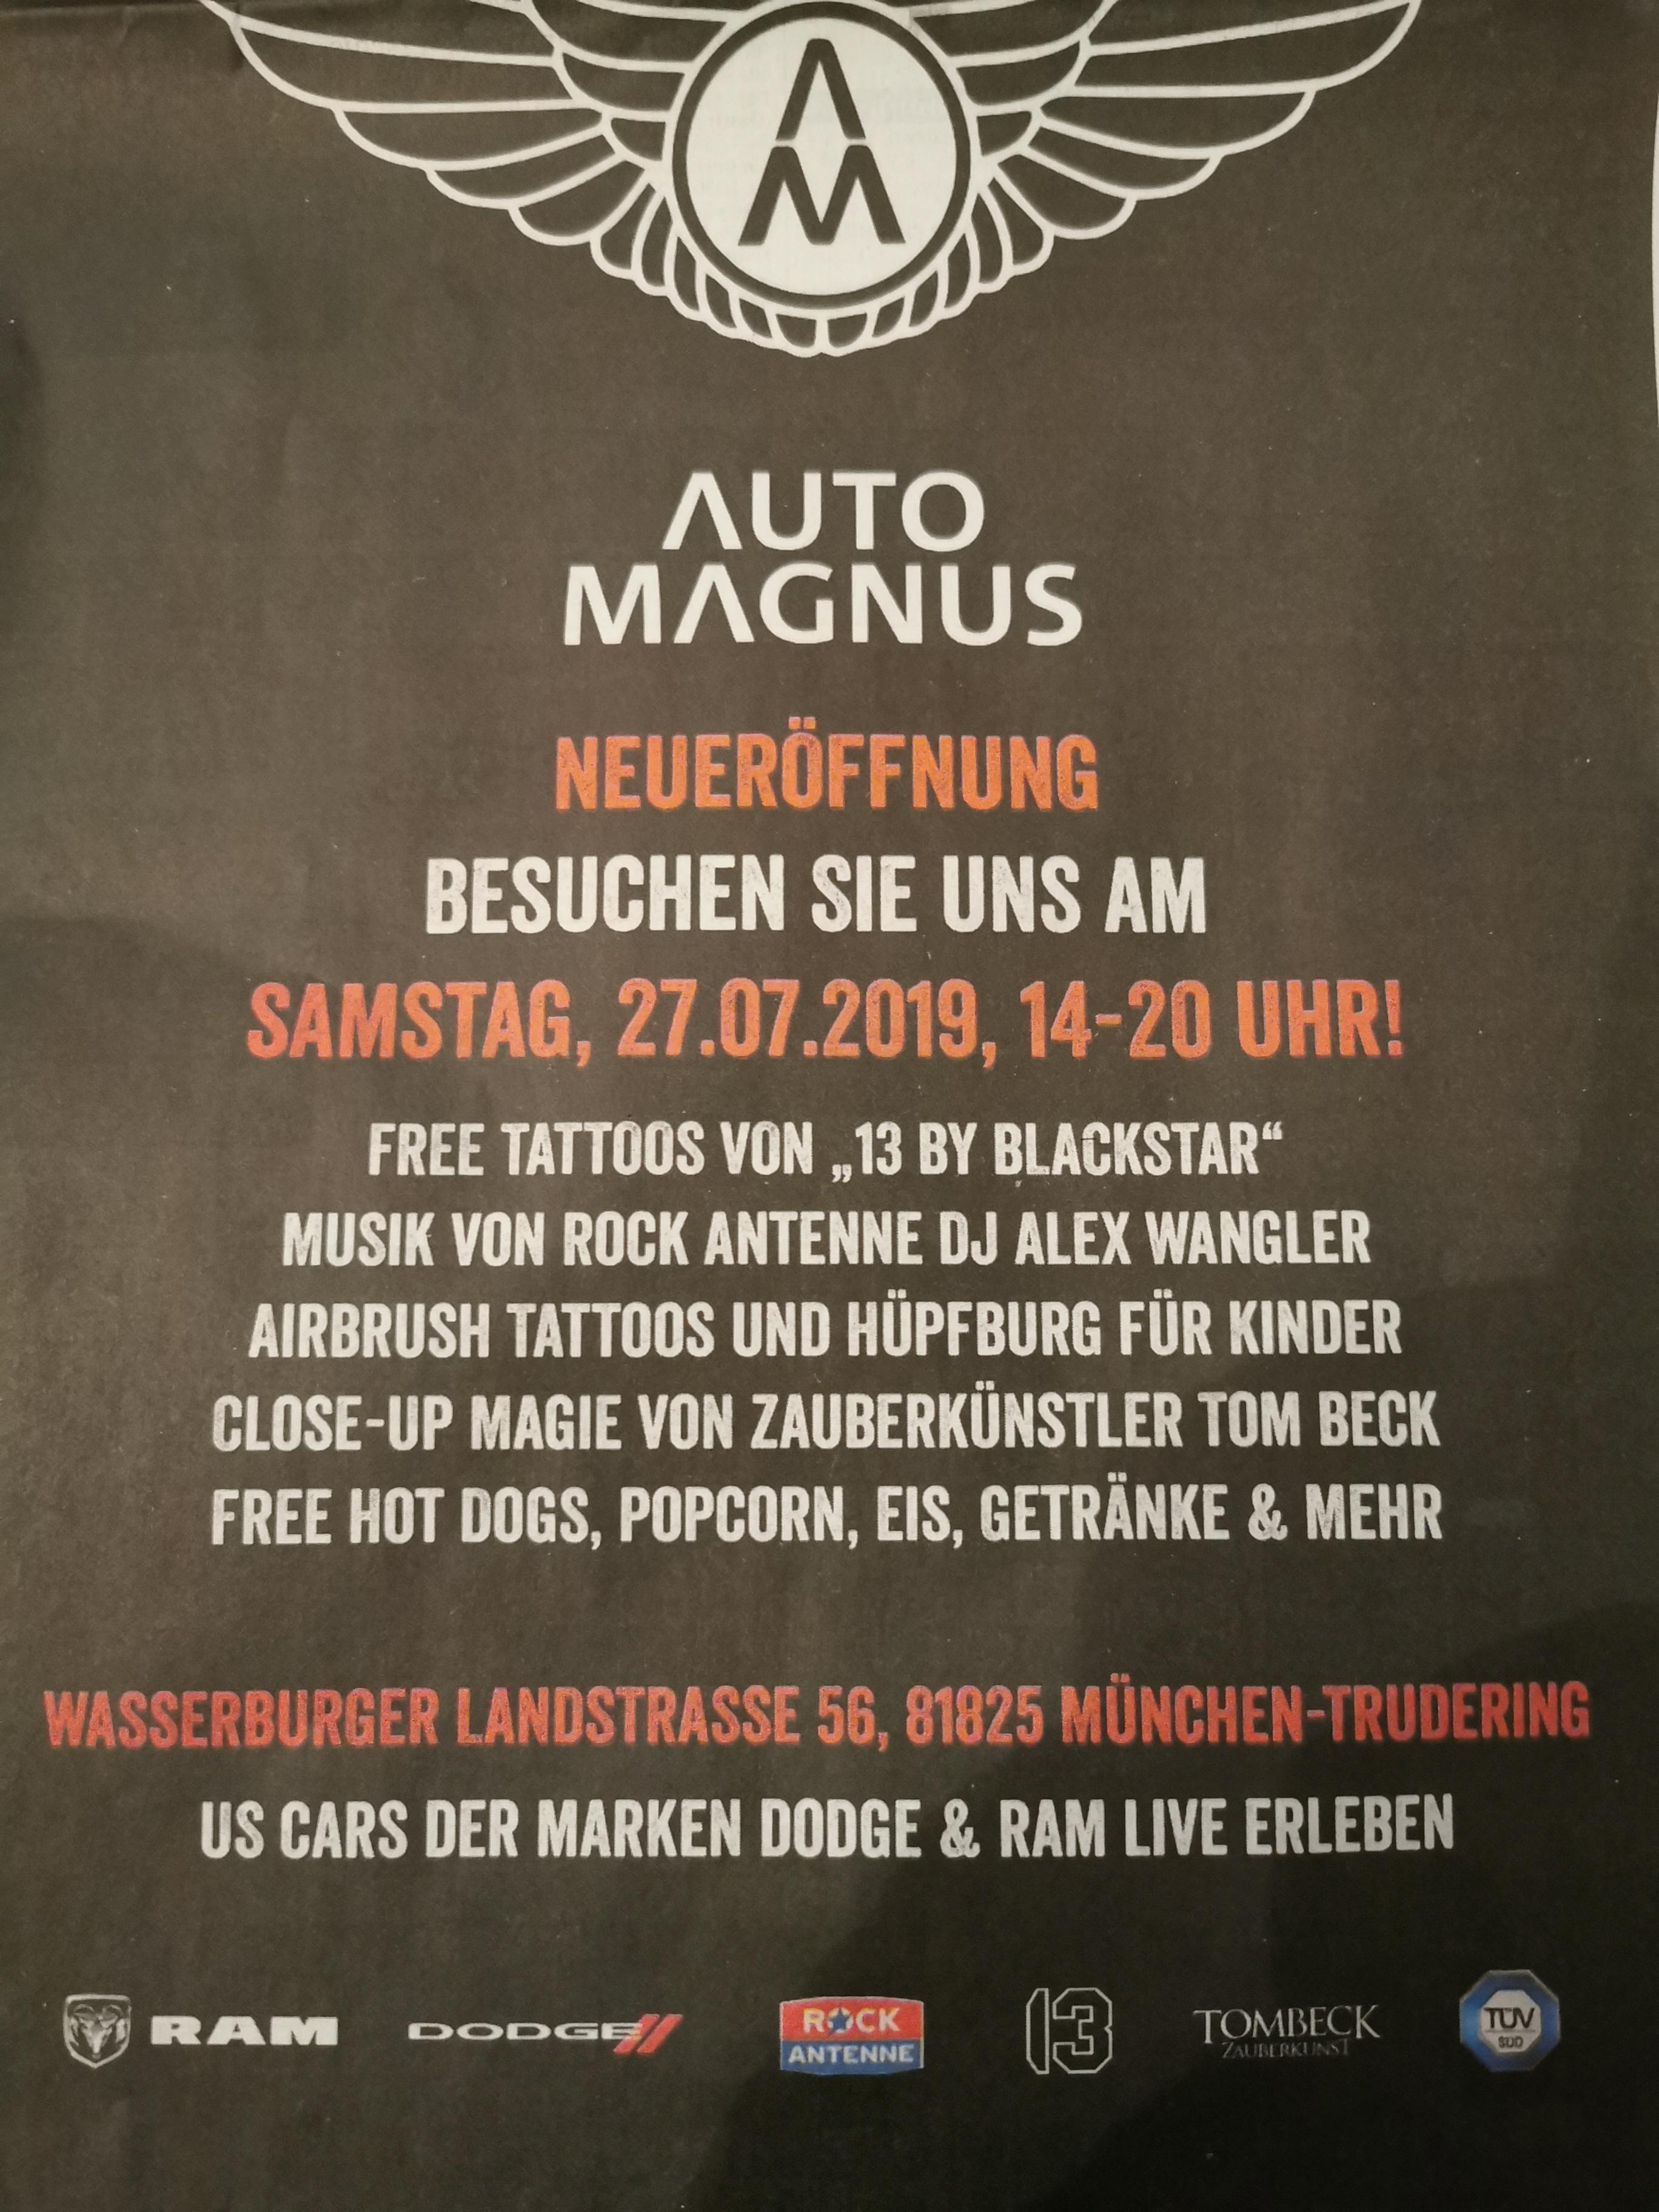 [ München ] Kostenlose Hot Dogs, Eis und Getränke am 27.07. @ Auto Magnus